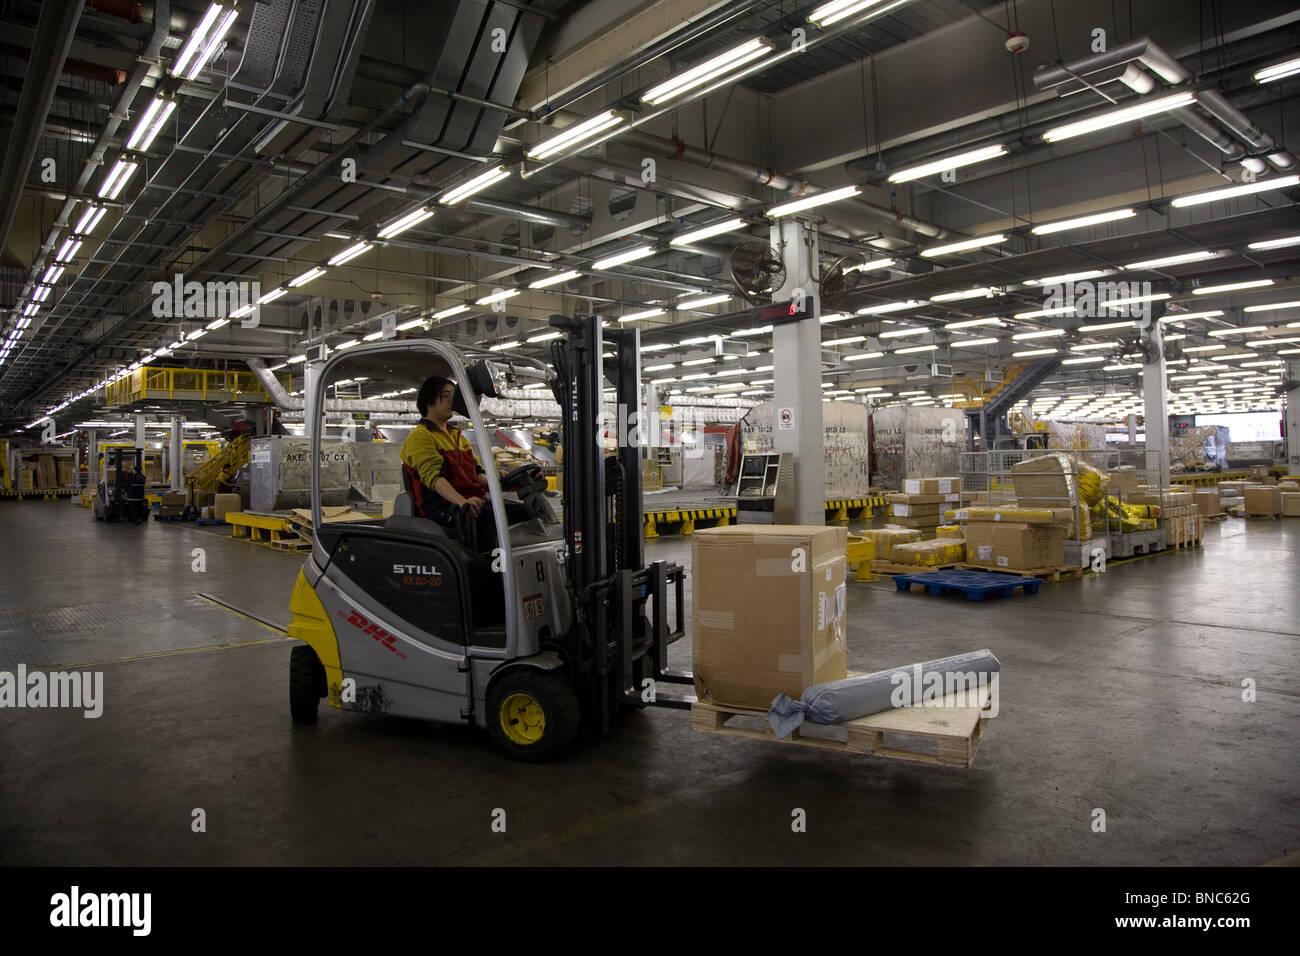 dhl logistics centre warehouse facility hong kong stock